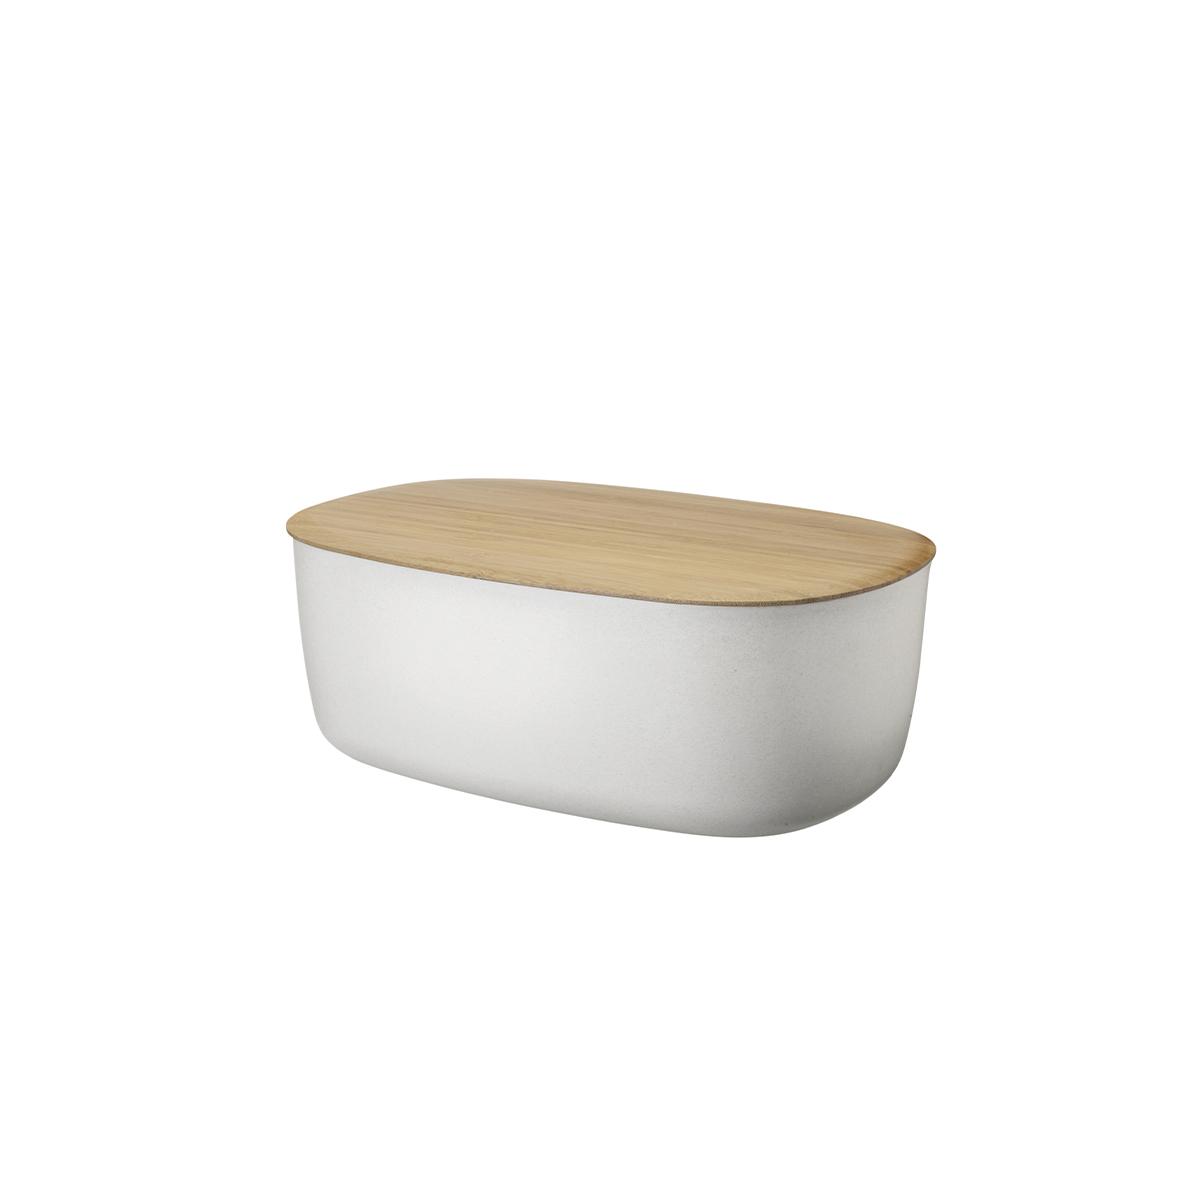 BOX_Z00038-1_BOX-IT_bread_box_white